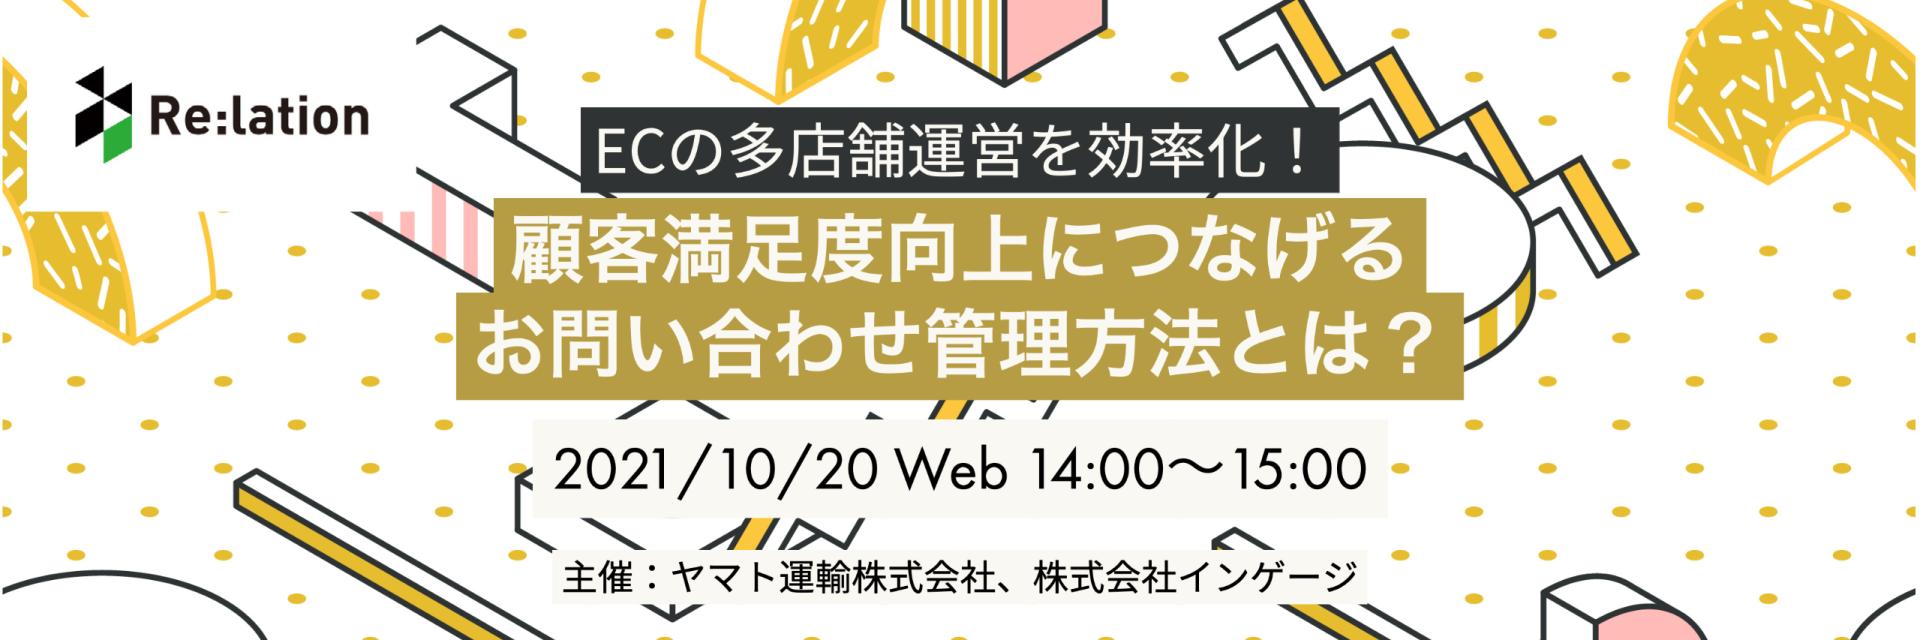 【10/20(水)開催】ヤマト運輸株式会社様主催ウェビナーに登壇します!